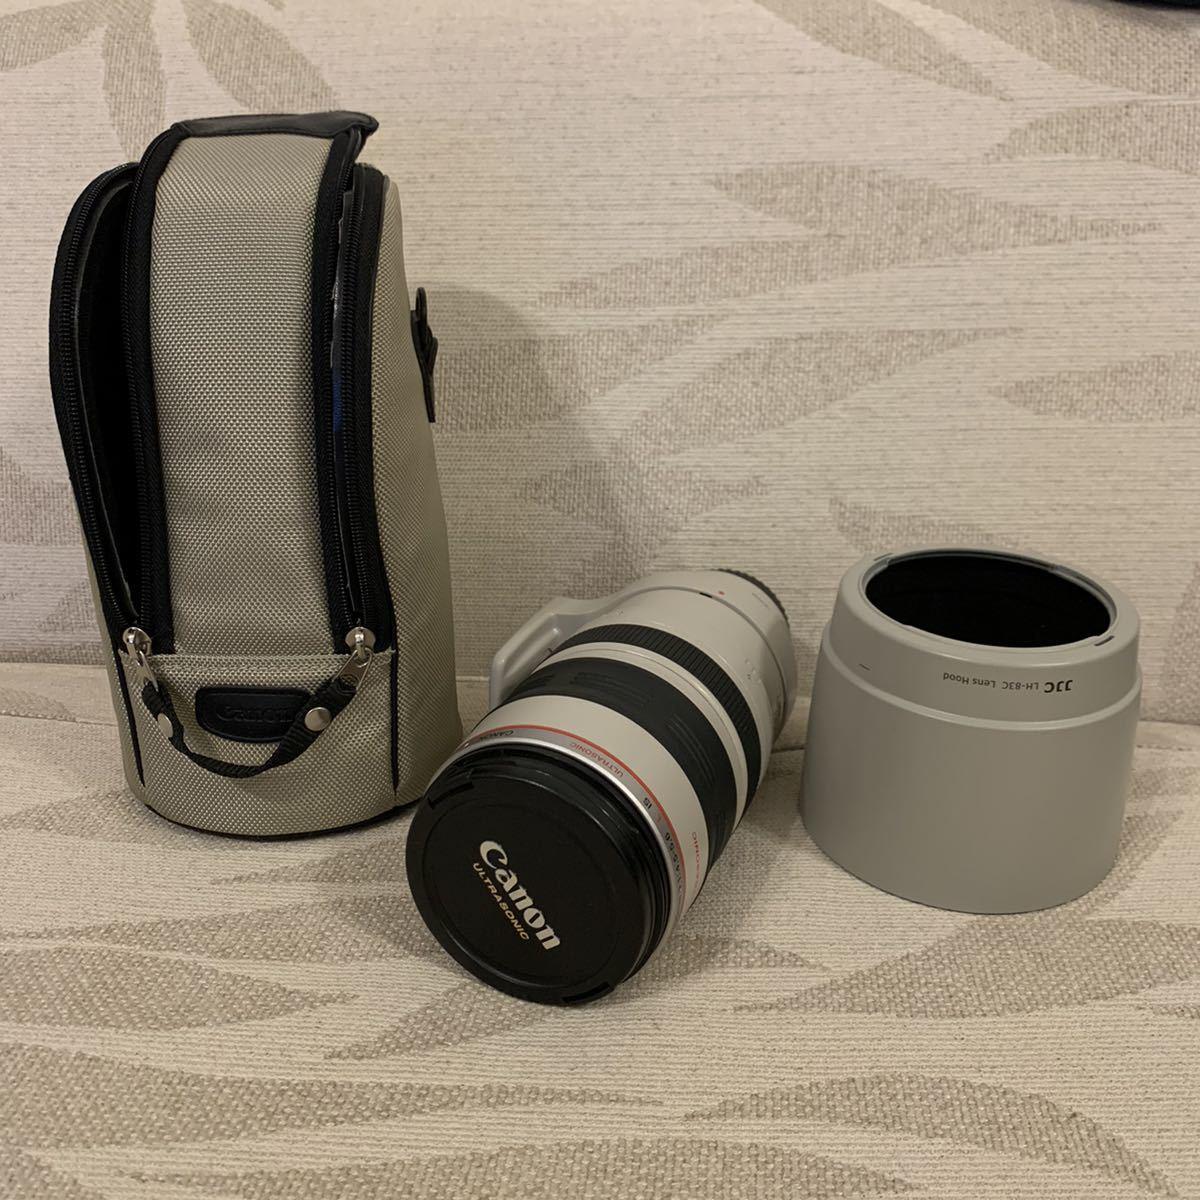 格安スタート!Canon キャノン ZOOM LENS EF 100-400㎜ 1:4.5-5.6 L IS USM ULTRASONIC IMAGE STABILIZER フード ケース付_画像1